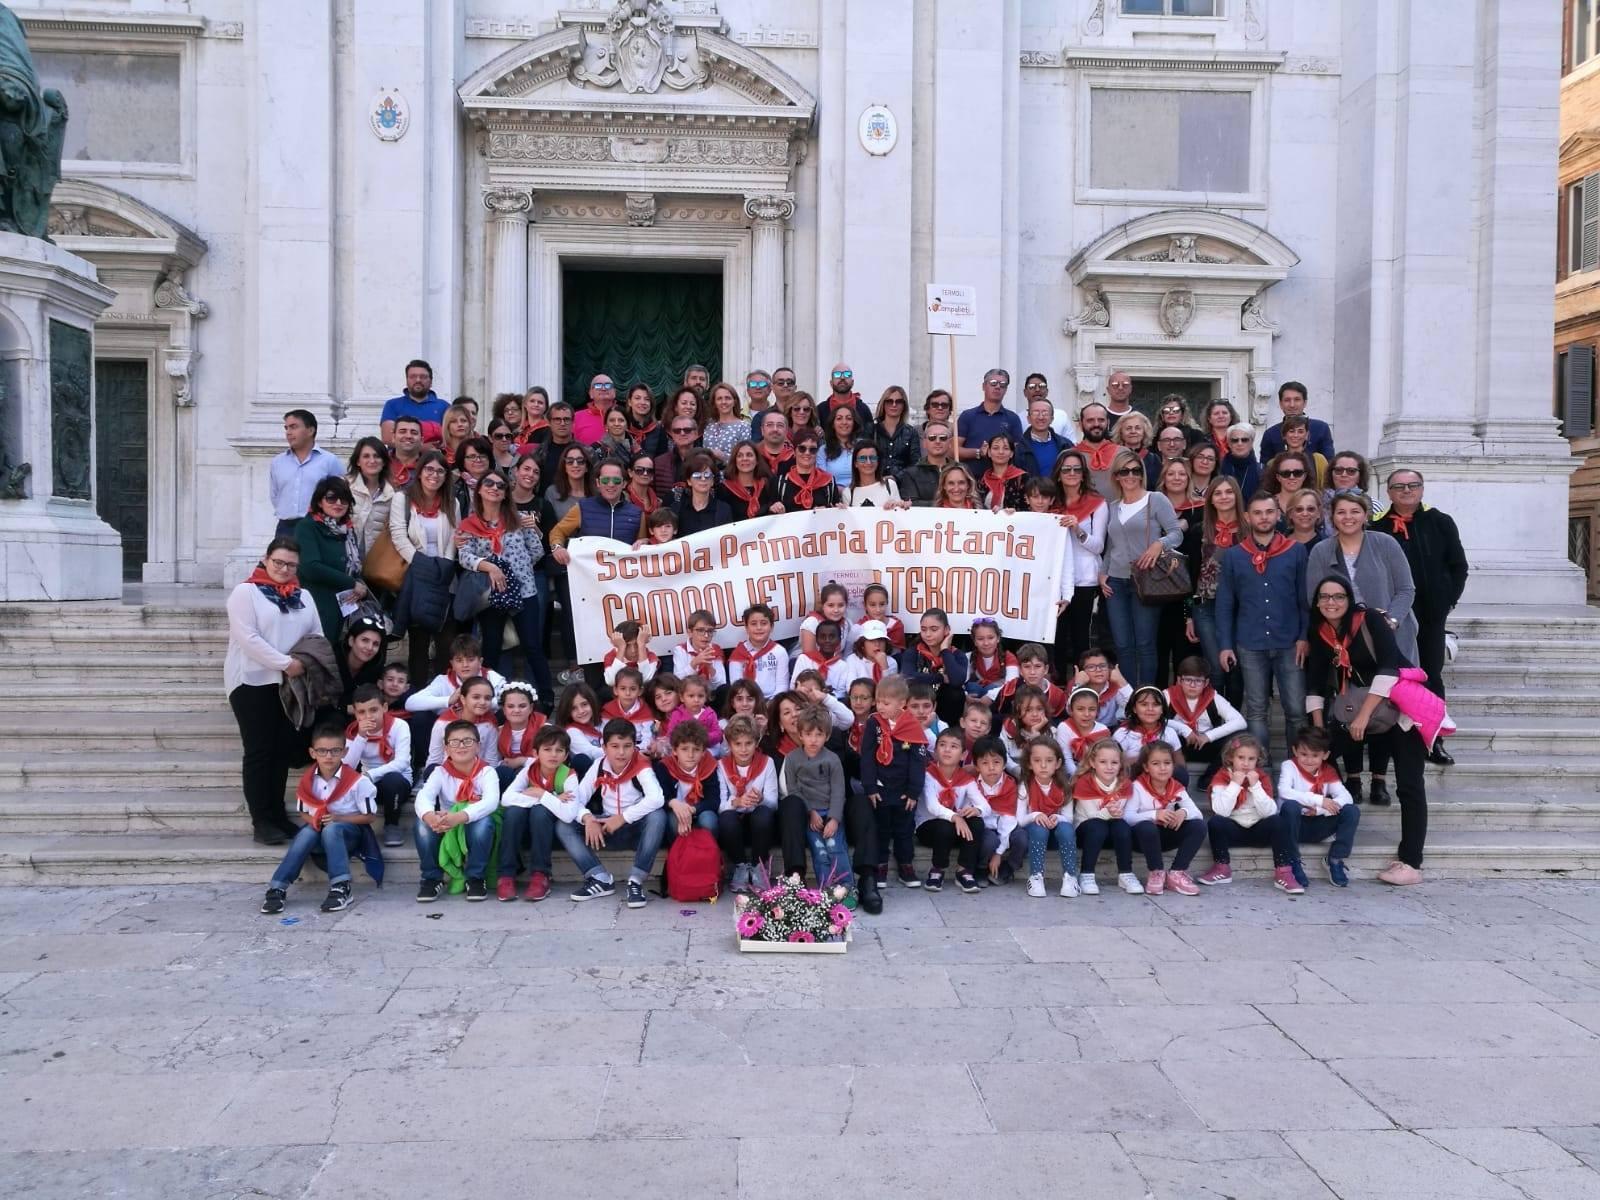 INIZIO ANNO SCOLASTICO 2018/ 2019 A LORETO